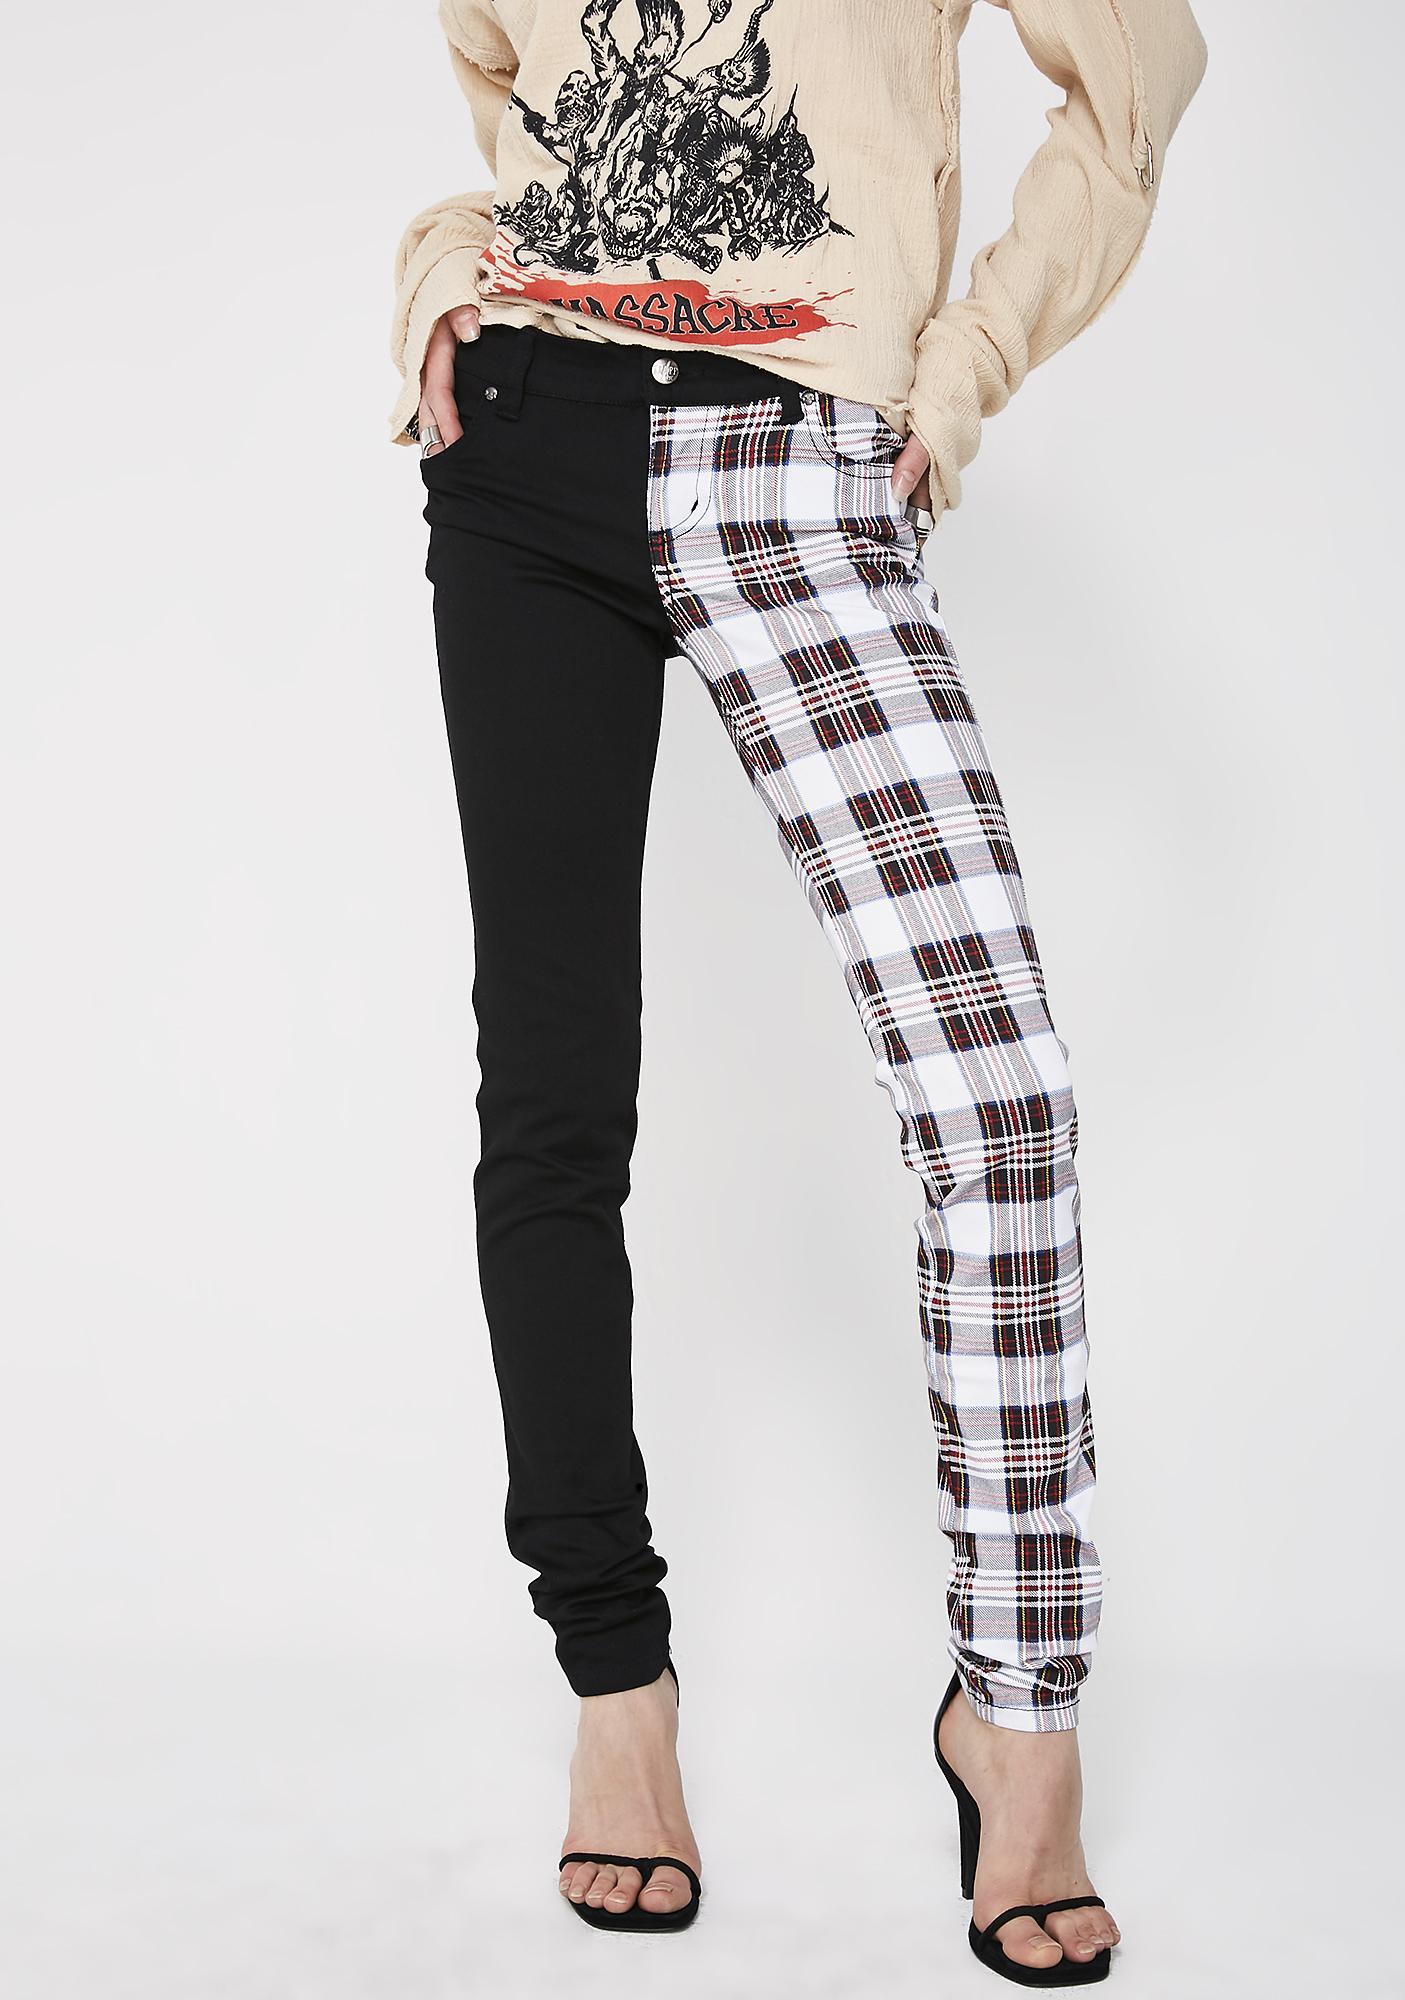 Split Personality Jeans by Tripp Nyc